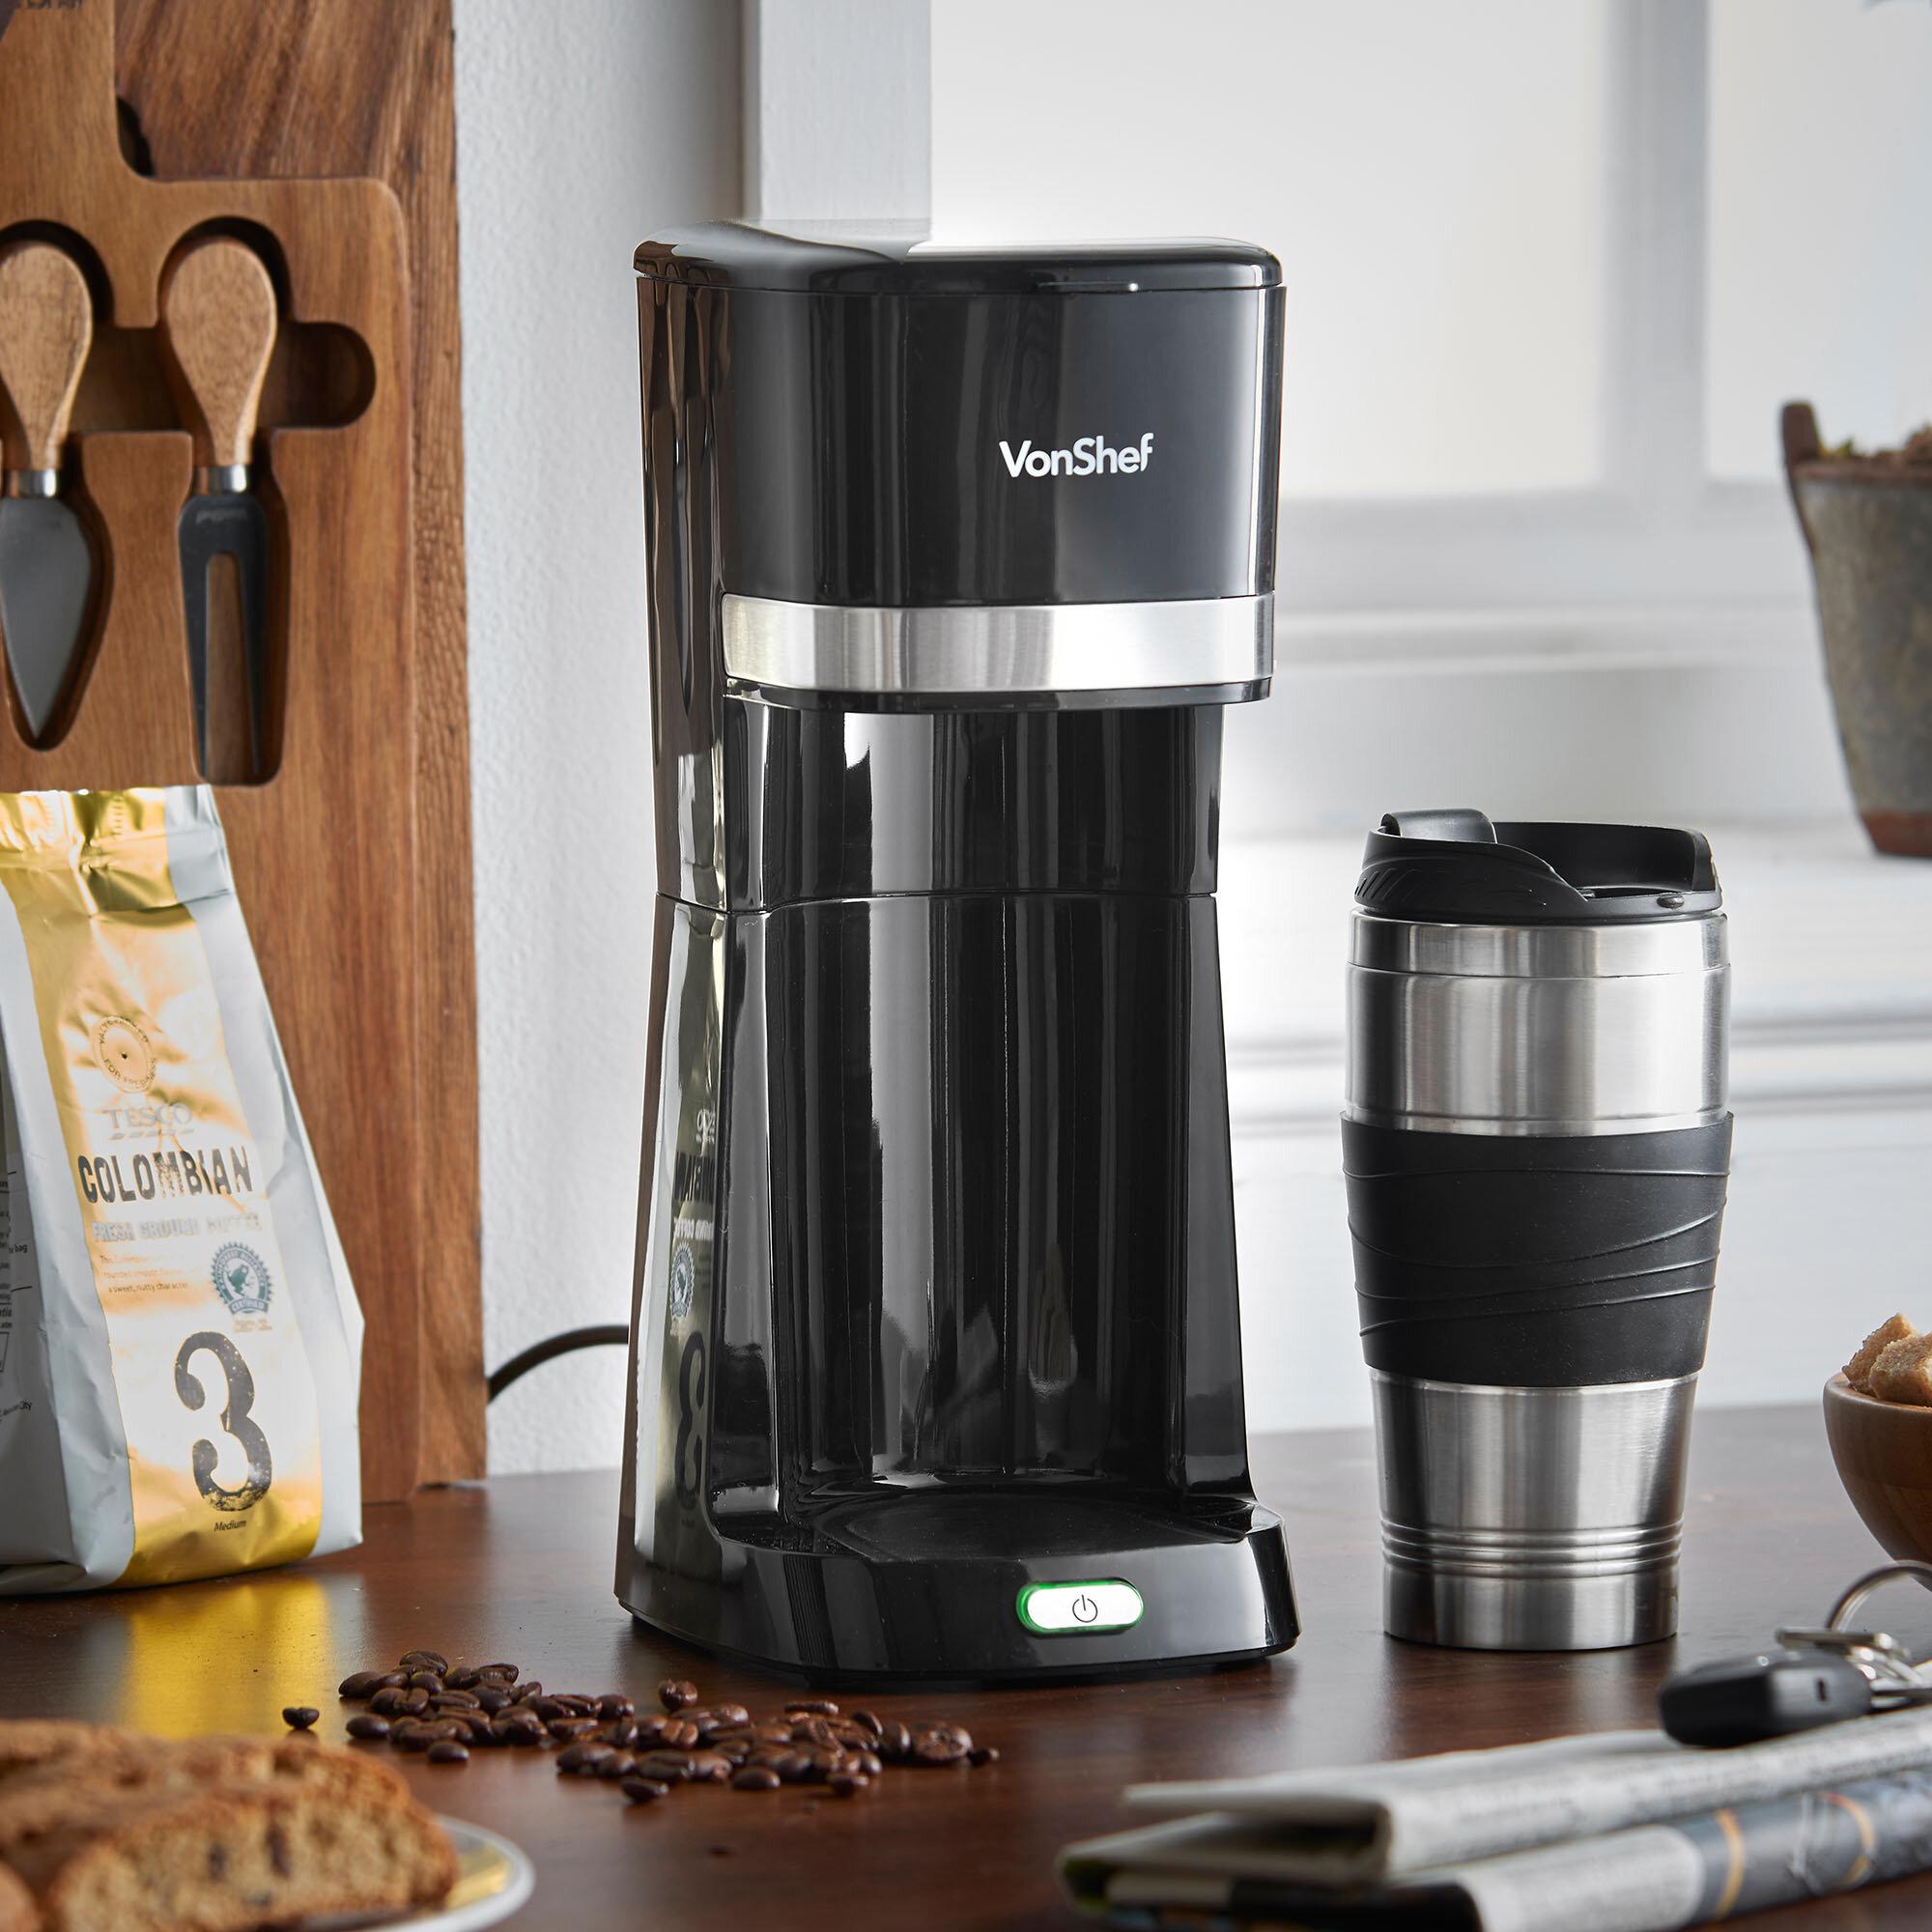 Vonshef Personal Filter Coffee Maker Wayfair